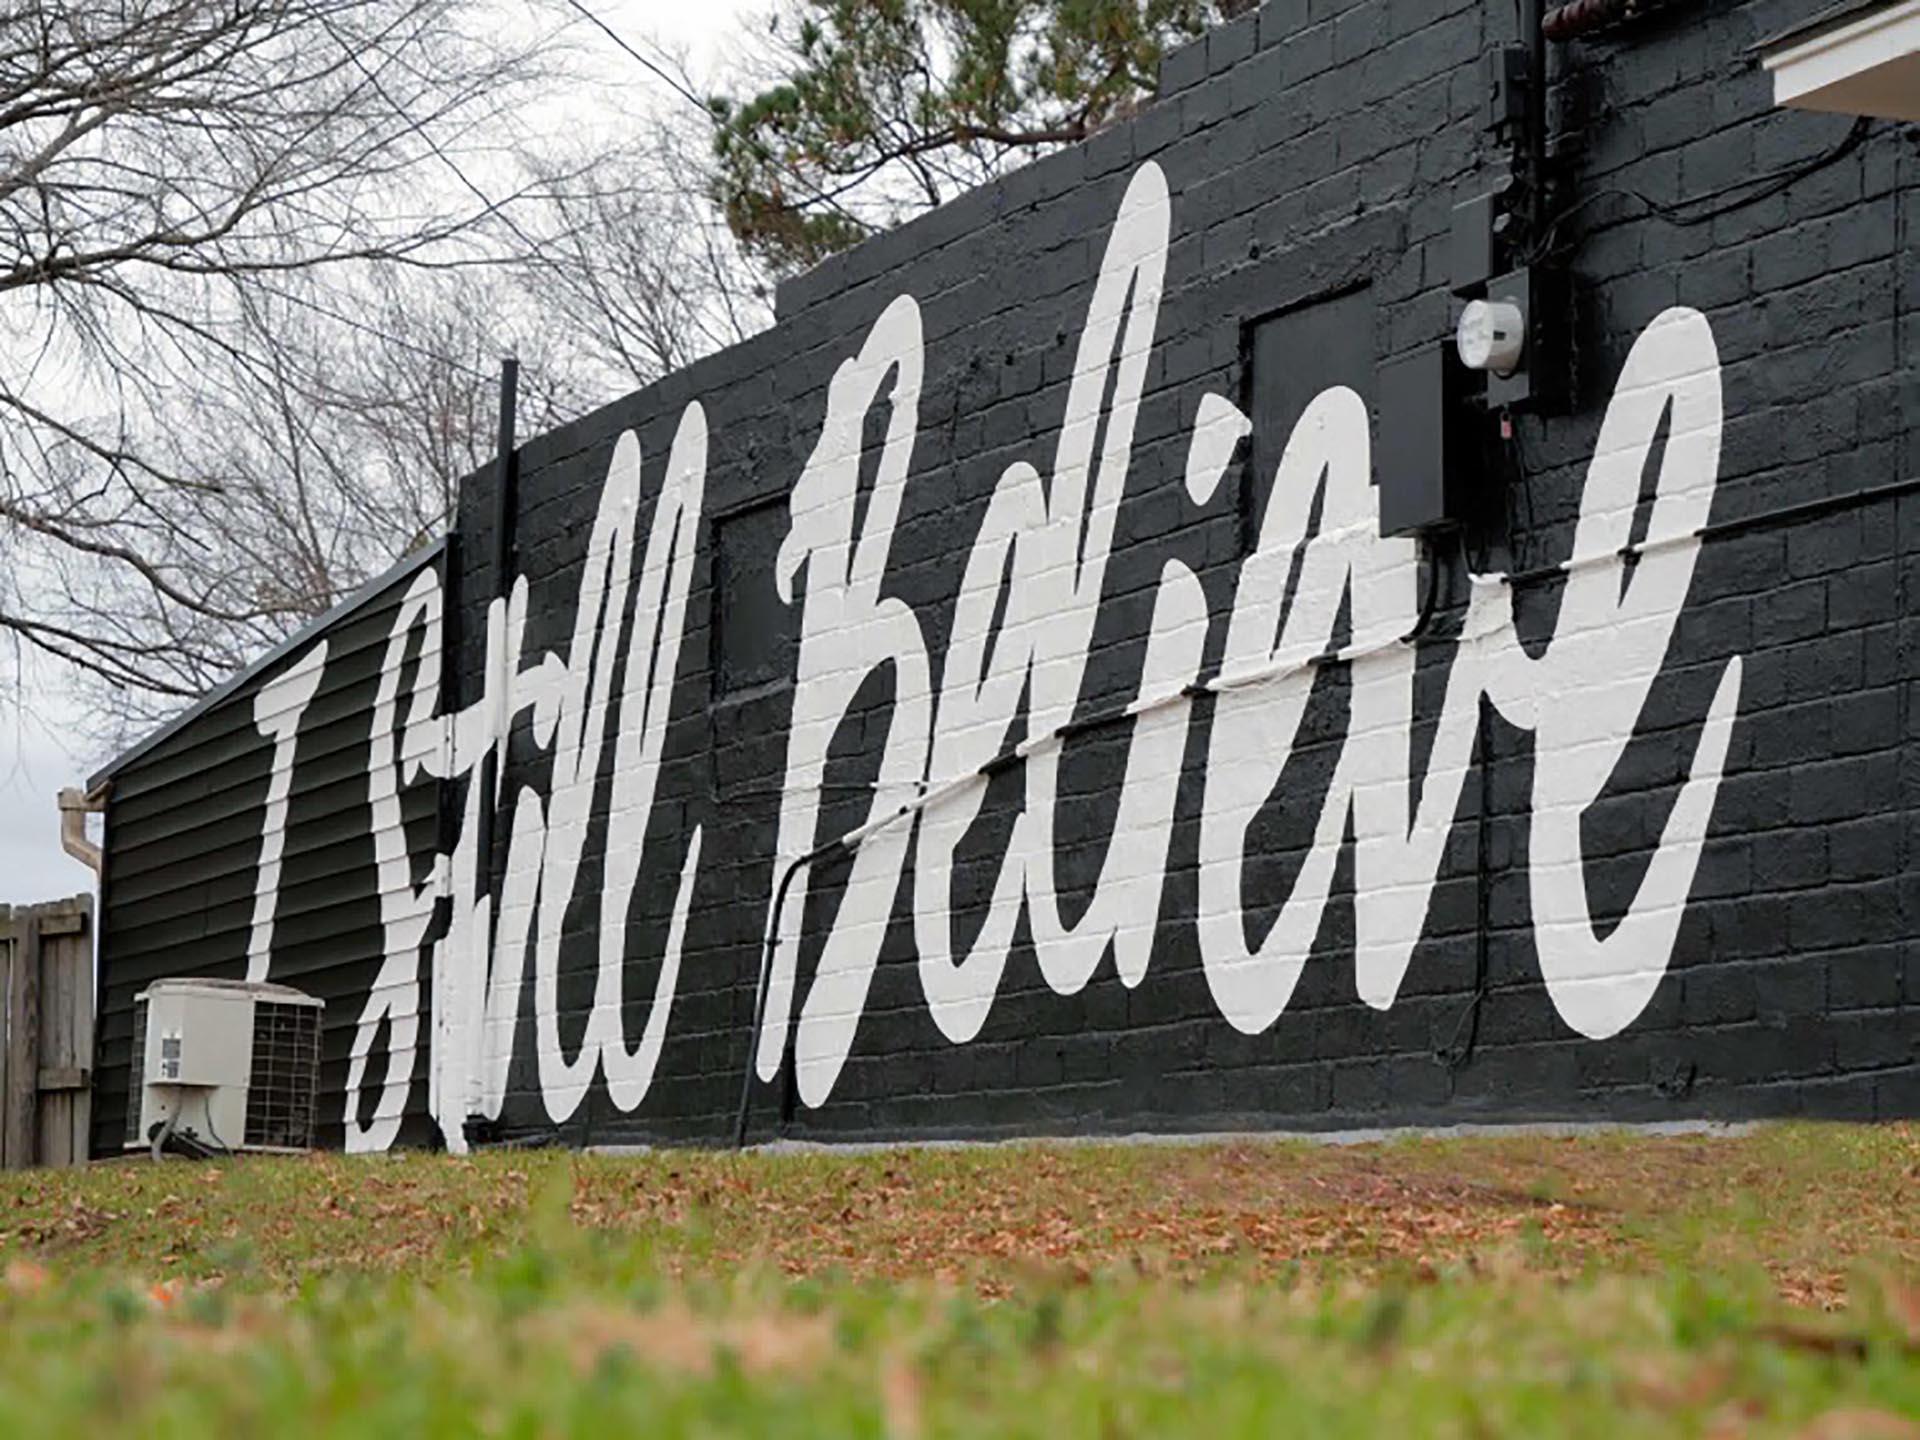 I still believe - lettering mural - Dace Kidd - Mural Artist Tx- window painting - Dace Kidd - Mural Artist Tx